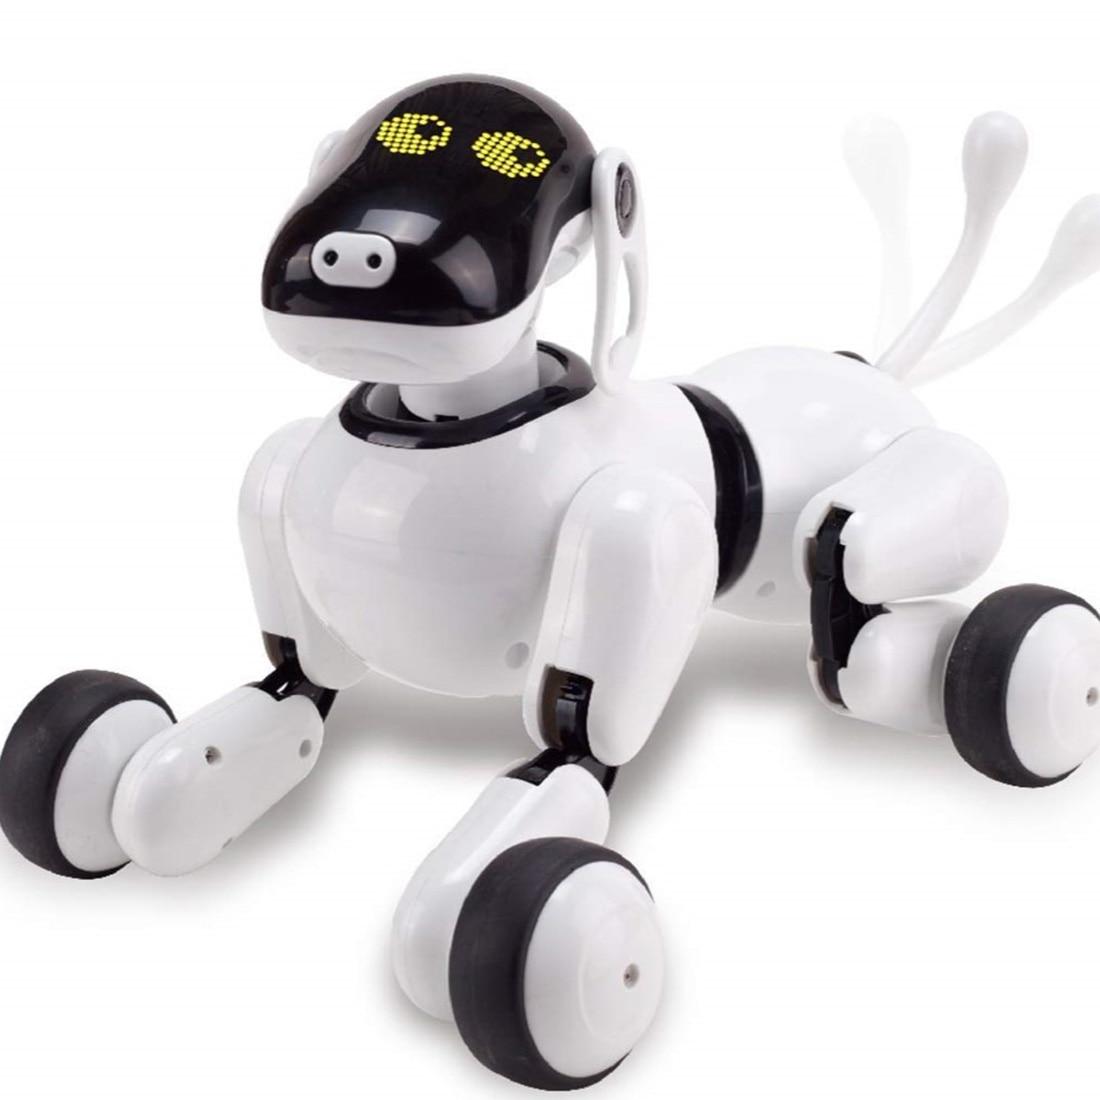 Новые детские игрушки для домашних животных Робот собака с интерактивными/танцами/пением/контролем распознавания речи/сенсорными/действи